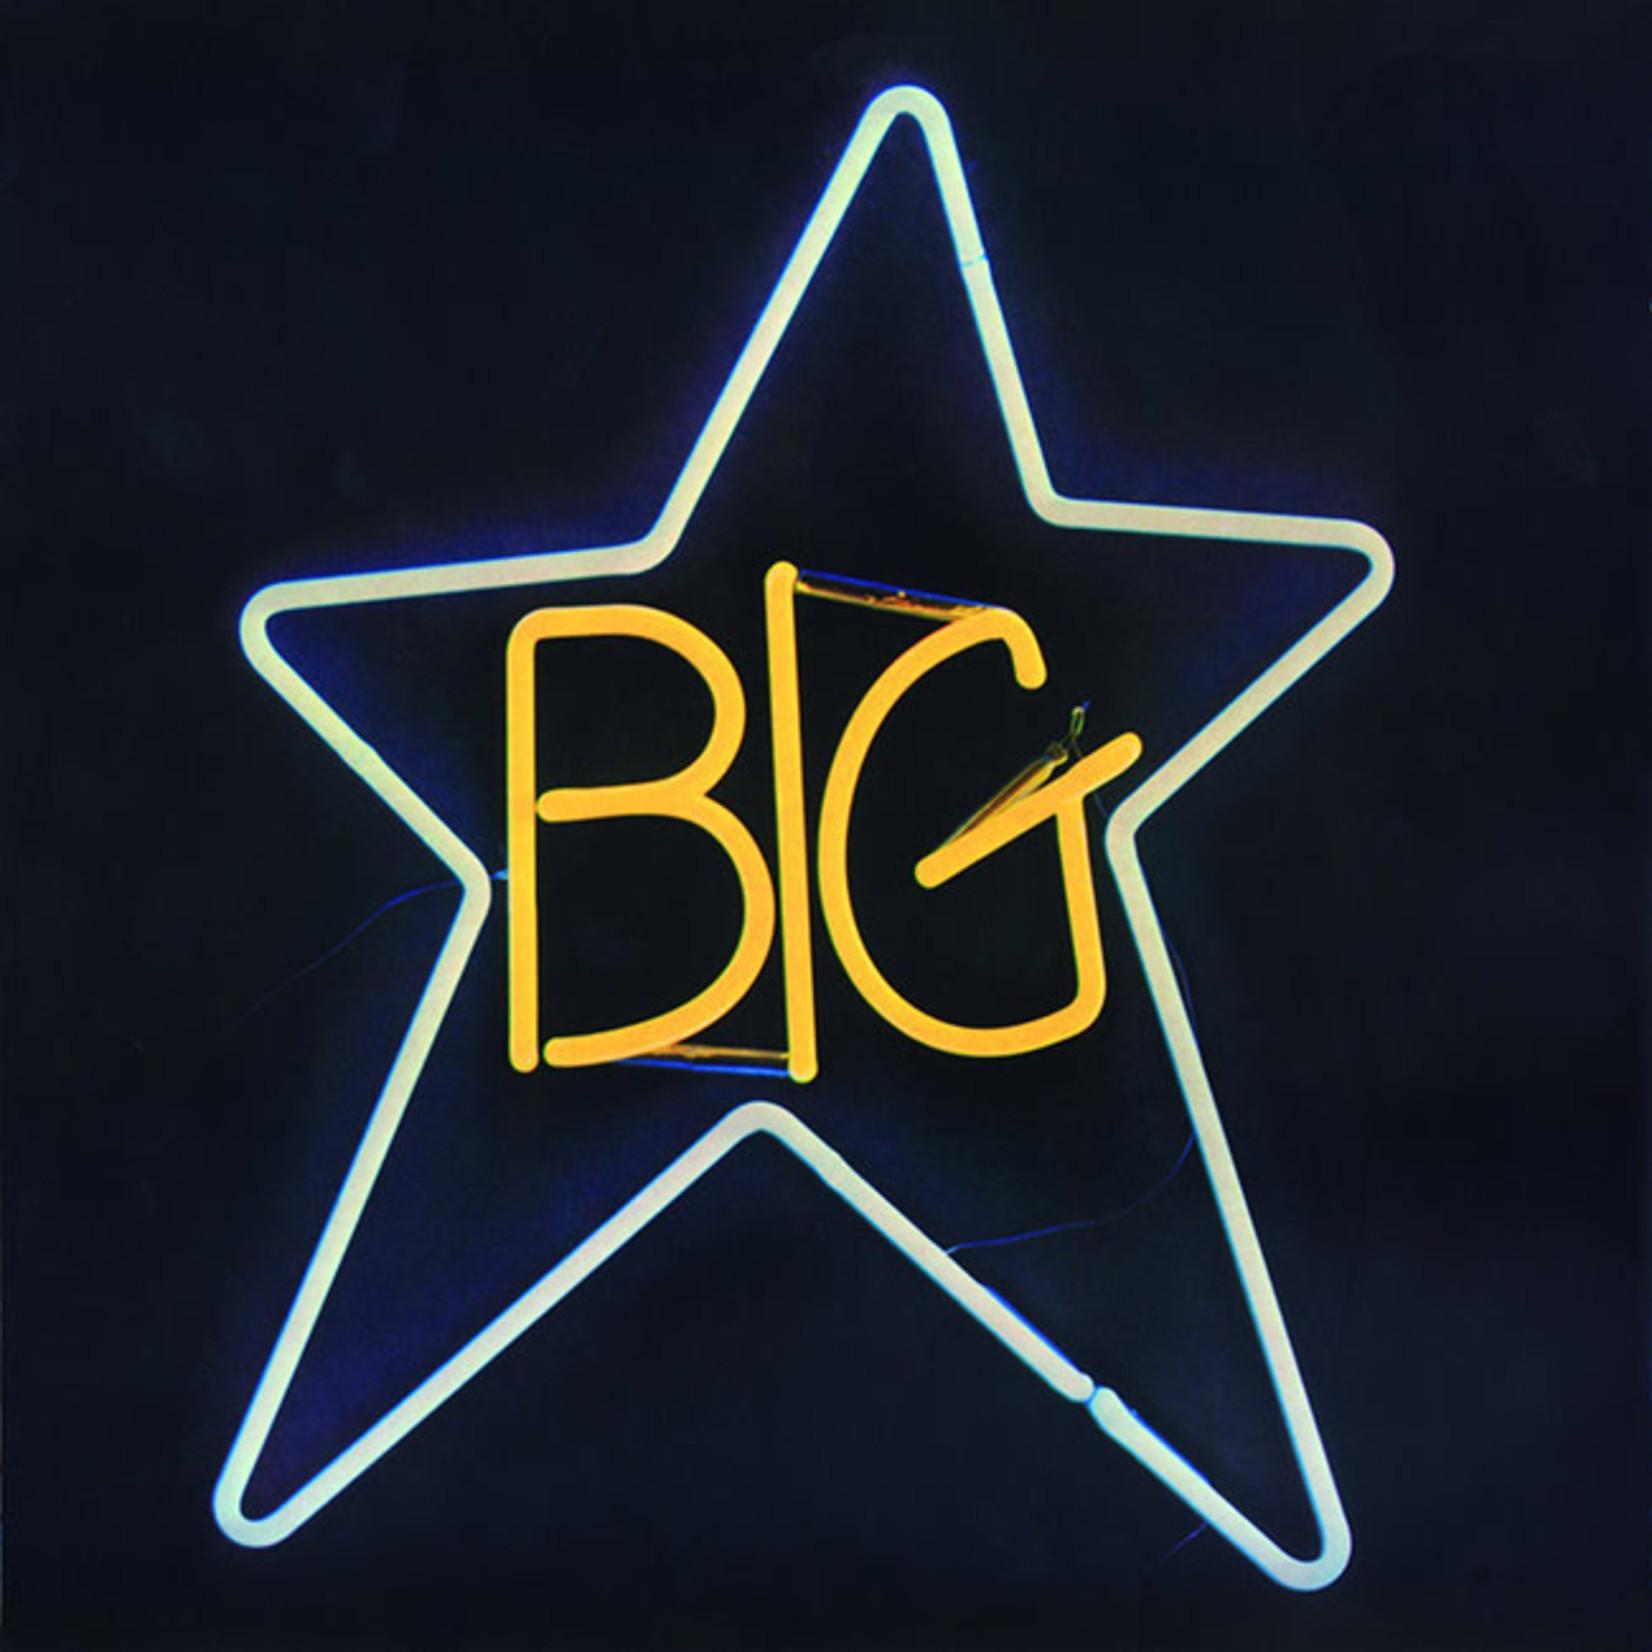 [New] Big Star: #1 Record